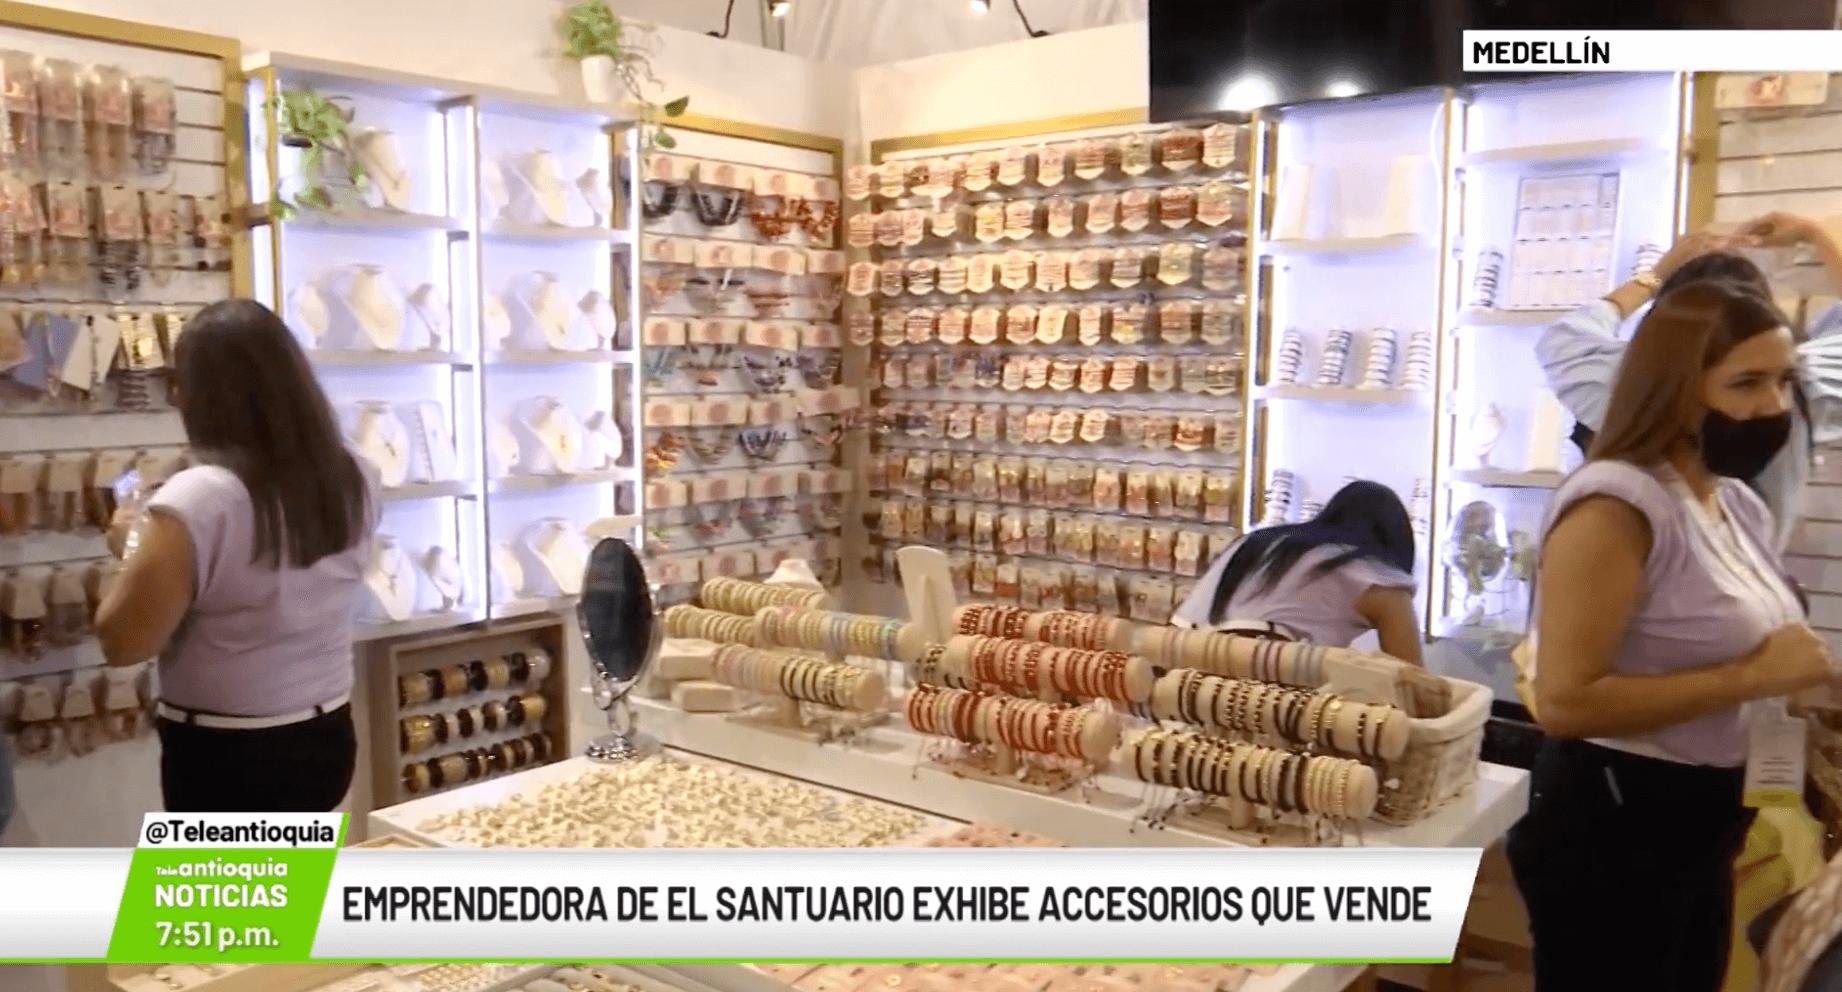 Emprendedora de El Santuario exhibe accesorios que vende